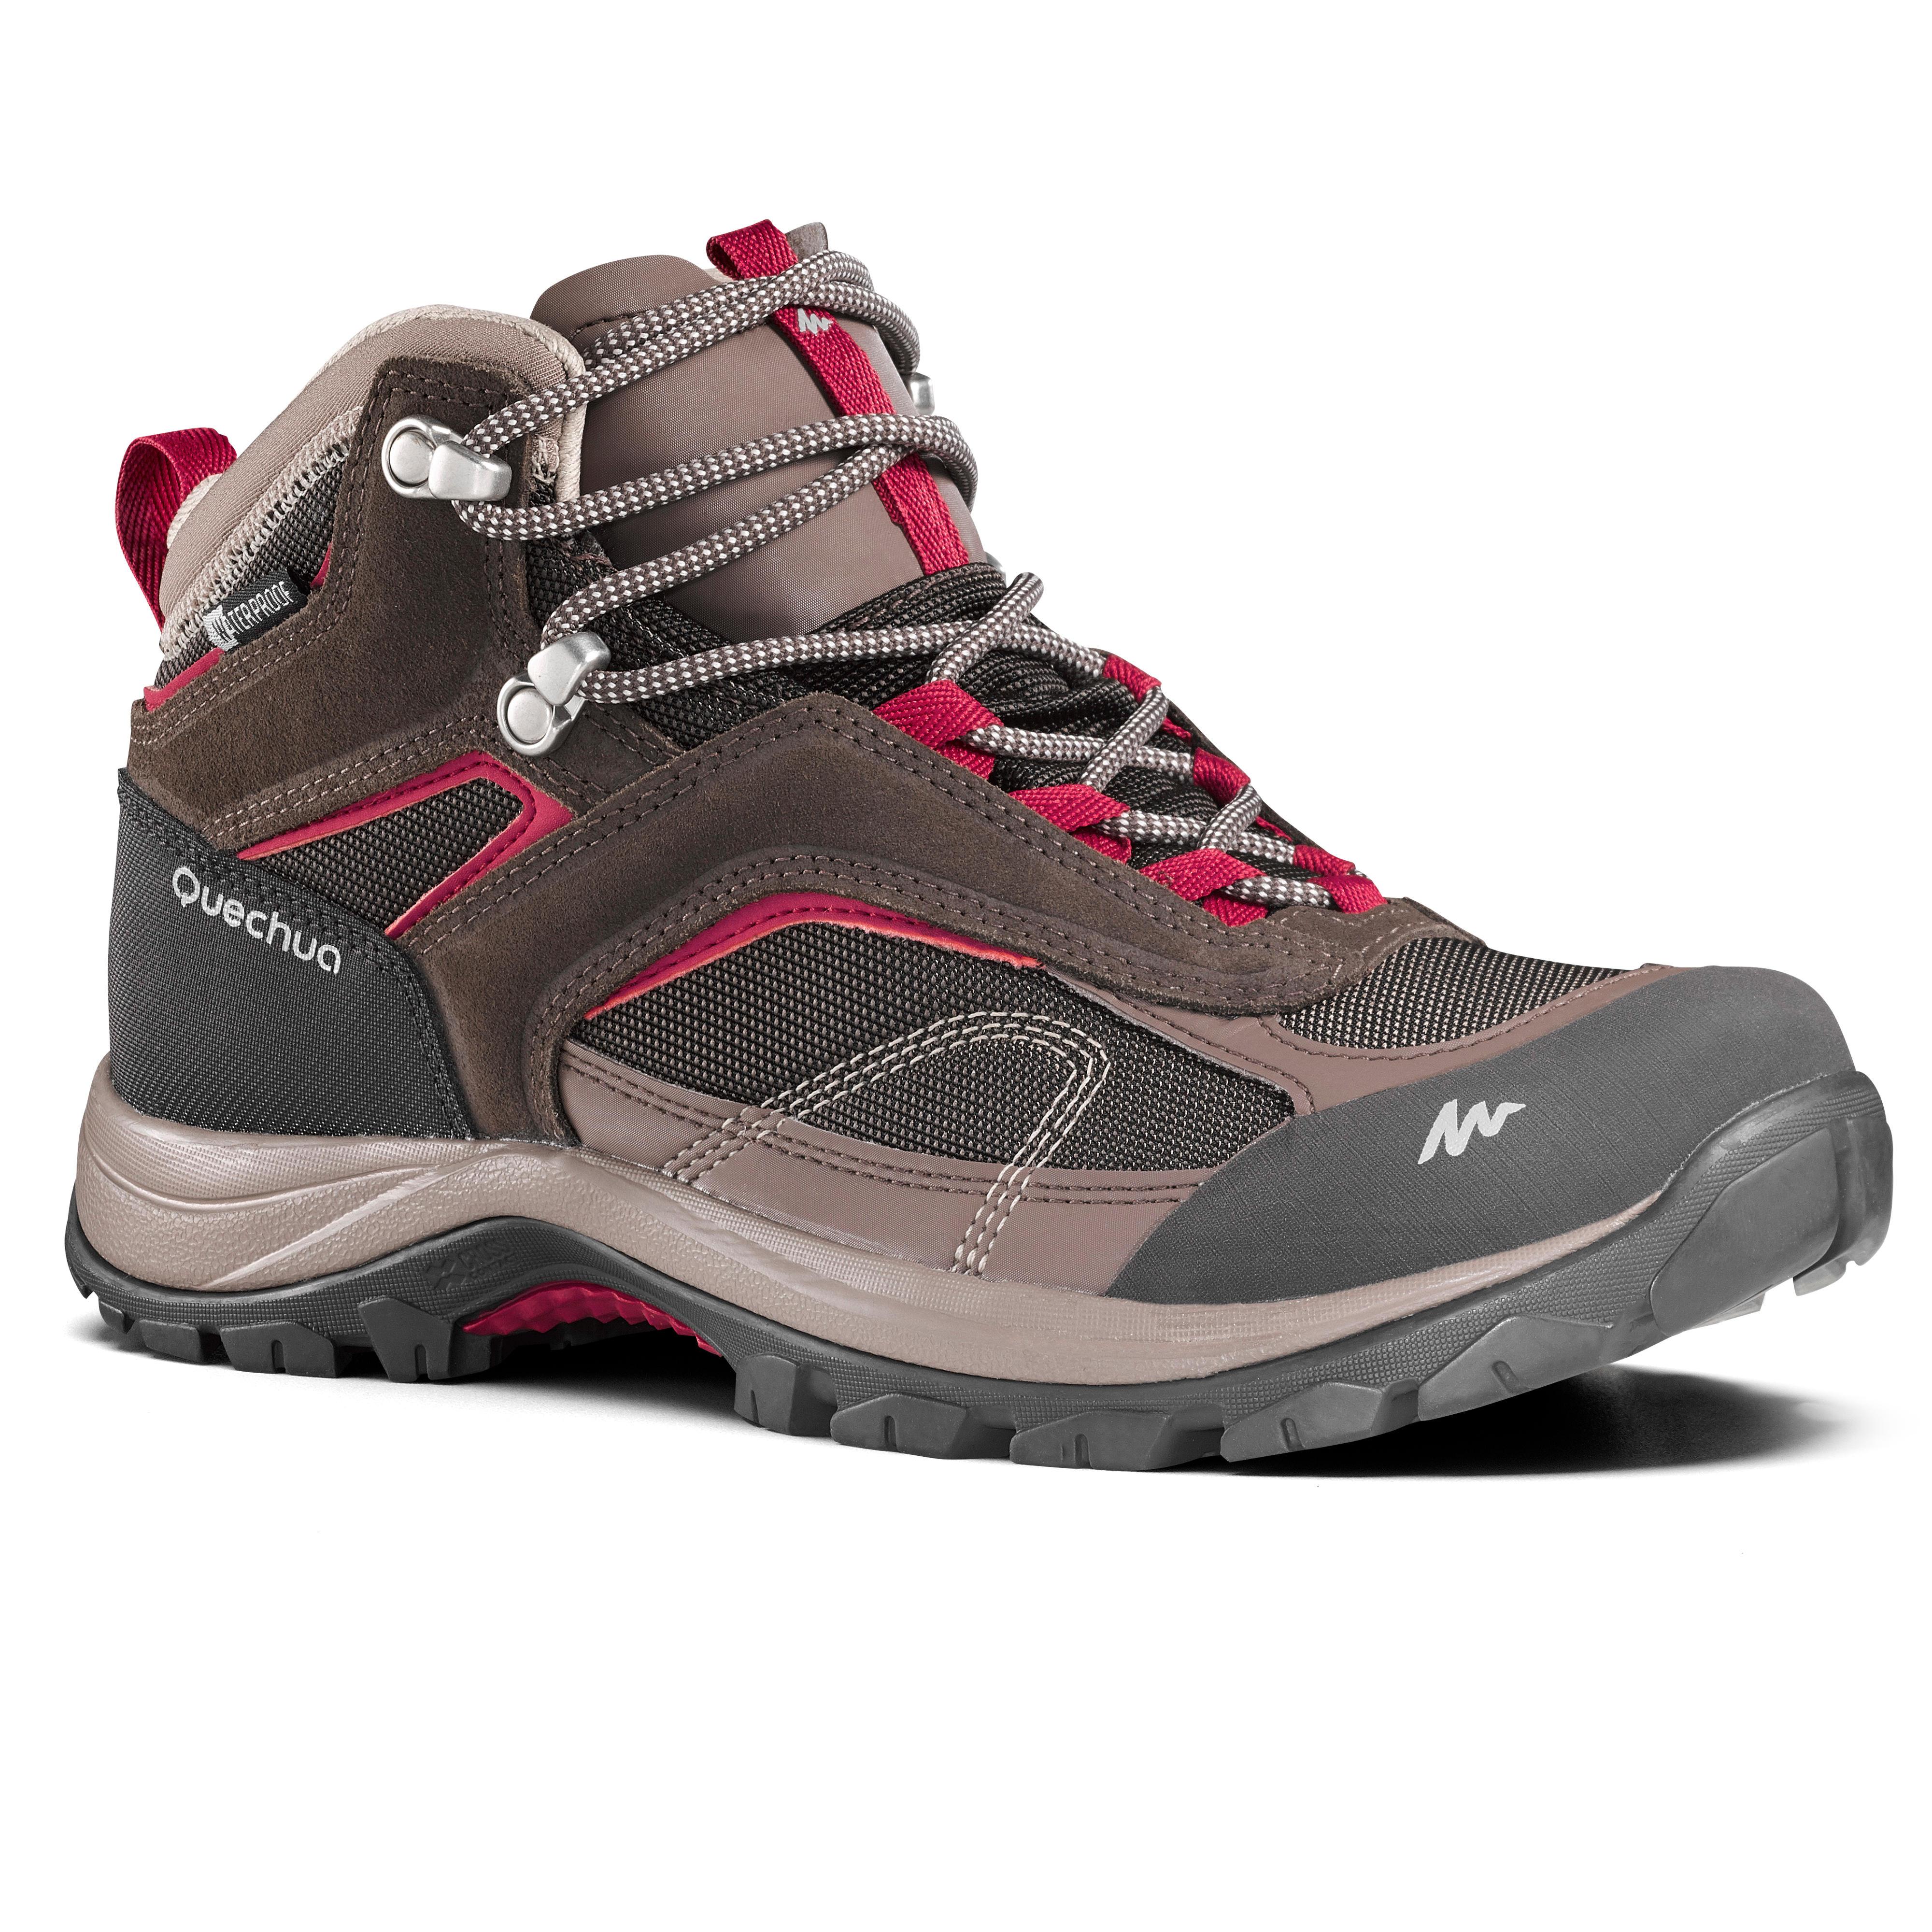 706d17b2dc5 Comprar Botas de Montaña y Trekking